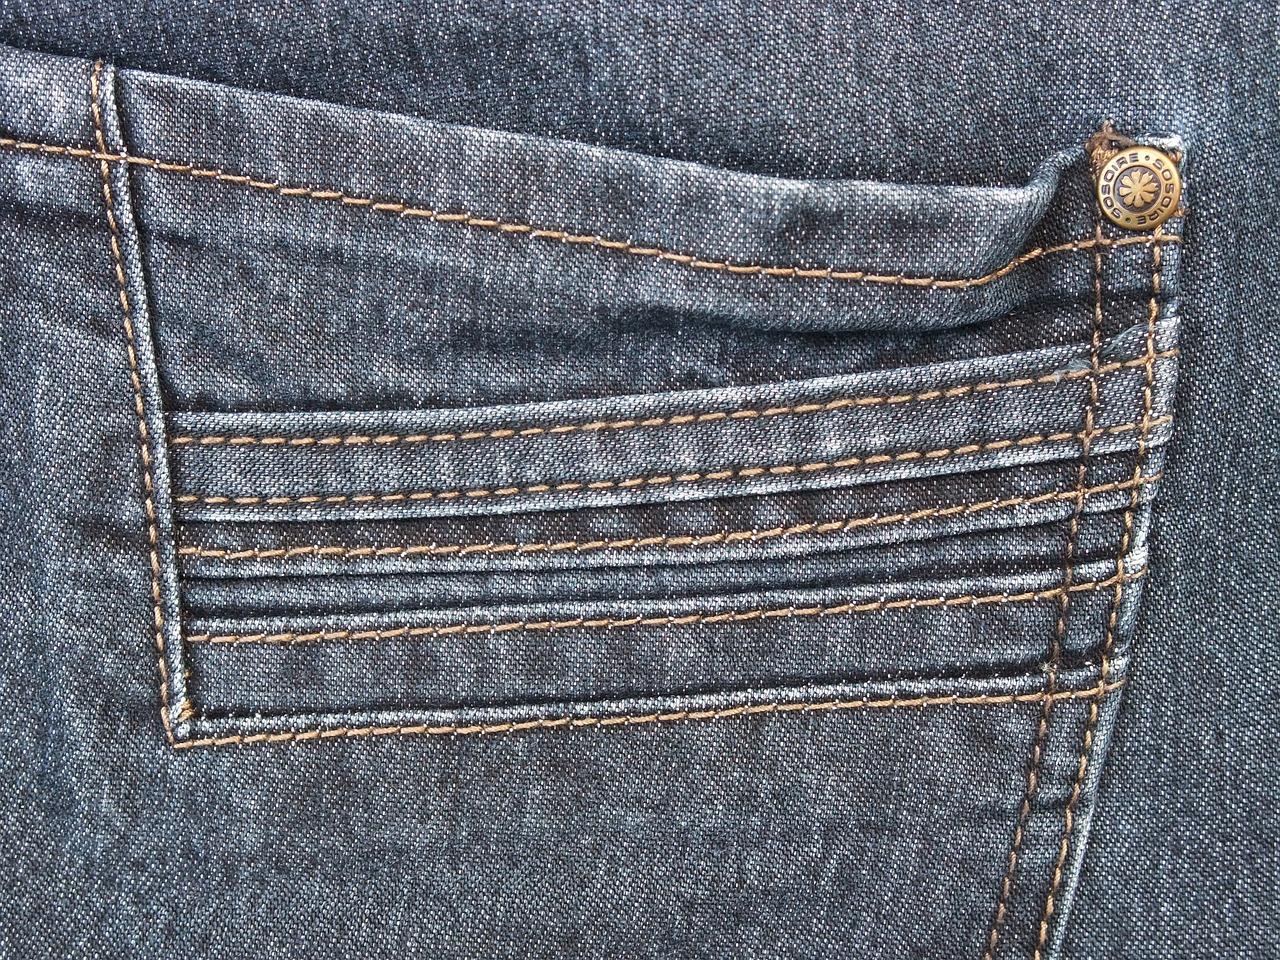 Zoektocht naar een spijkerbroek